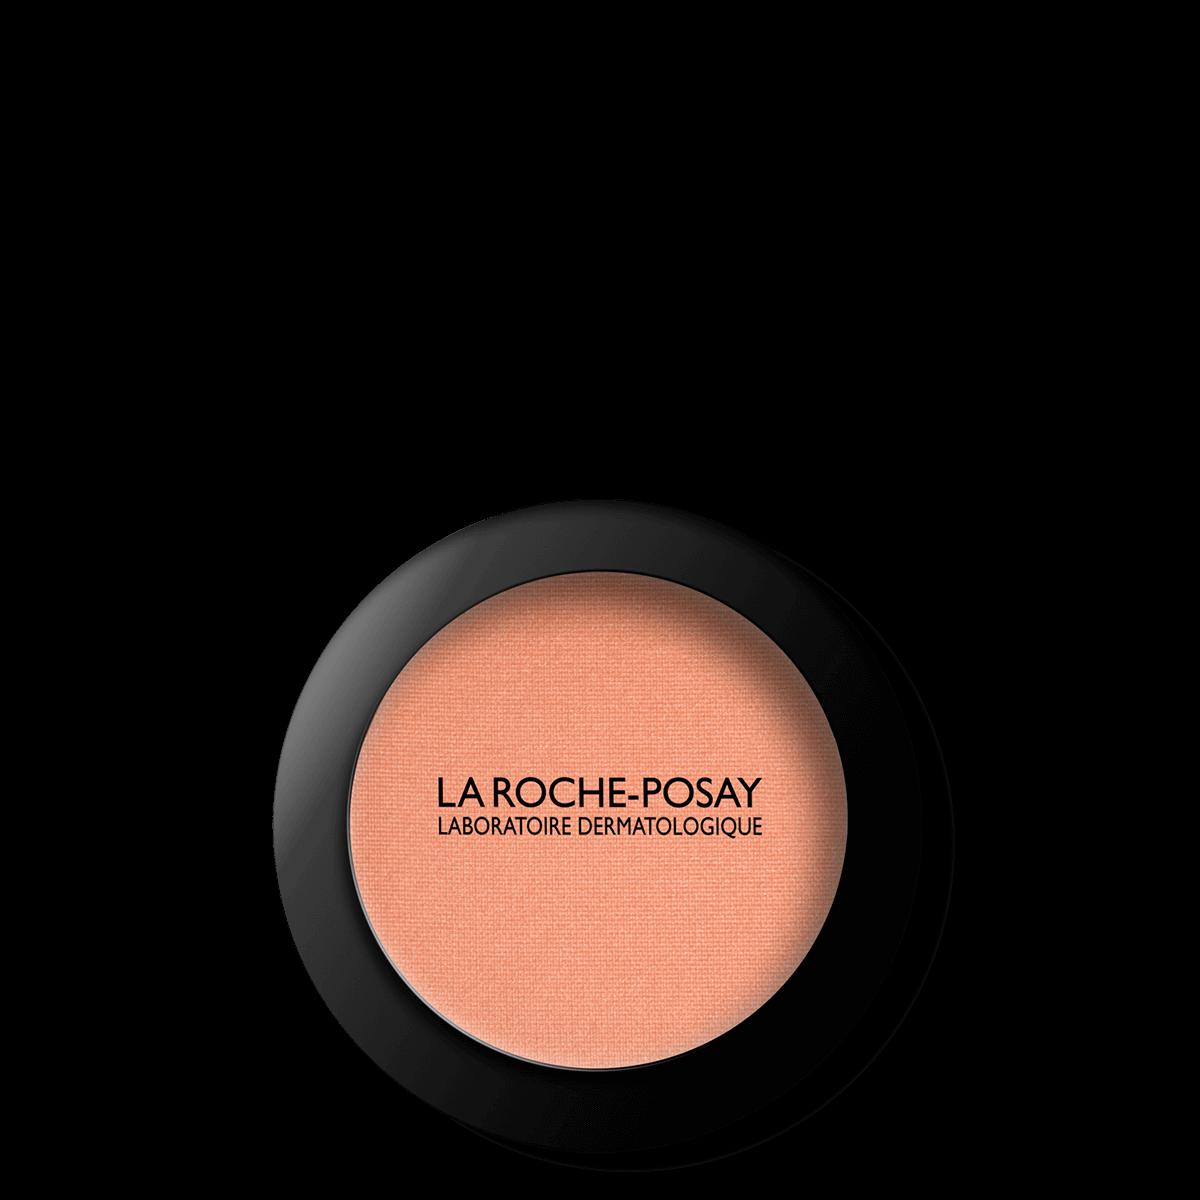 La Roche Posay Sensitive Toleriane Make up BLUSH CopperBronze 33378724